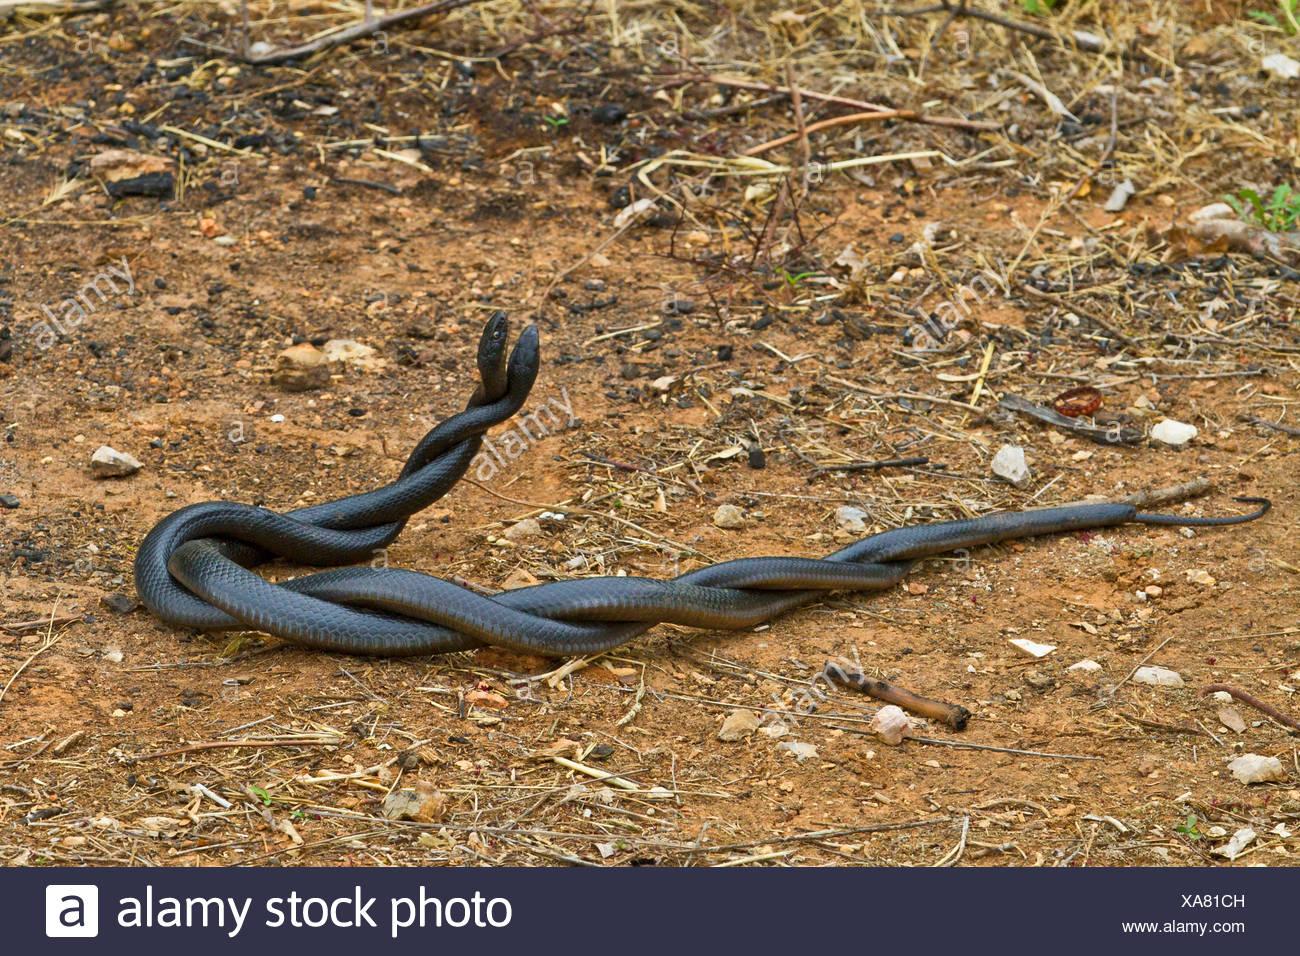 Unione frusta snake, dell'Europa occidentale frusta snake, verde scuro e whipsnake (Coluber viridiflavus, Hierophis viridiflavus carbonarius), commento combattimenti, Croazia, Istria Immagini Stock